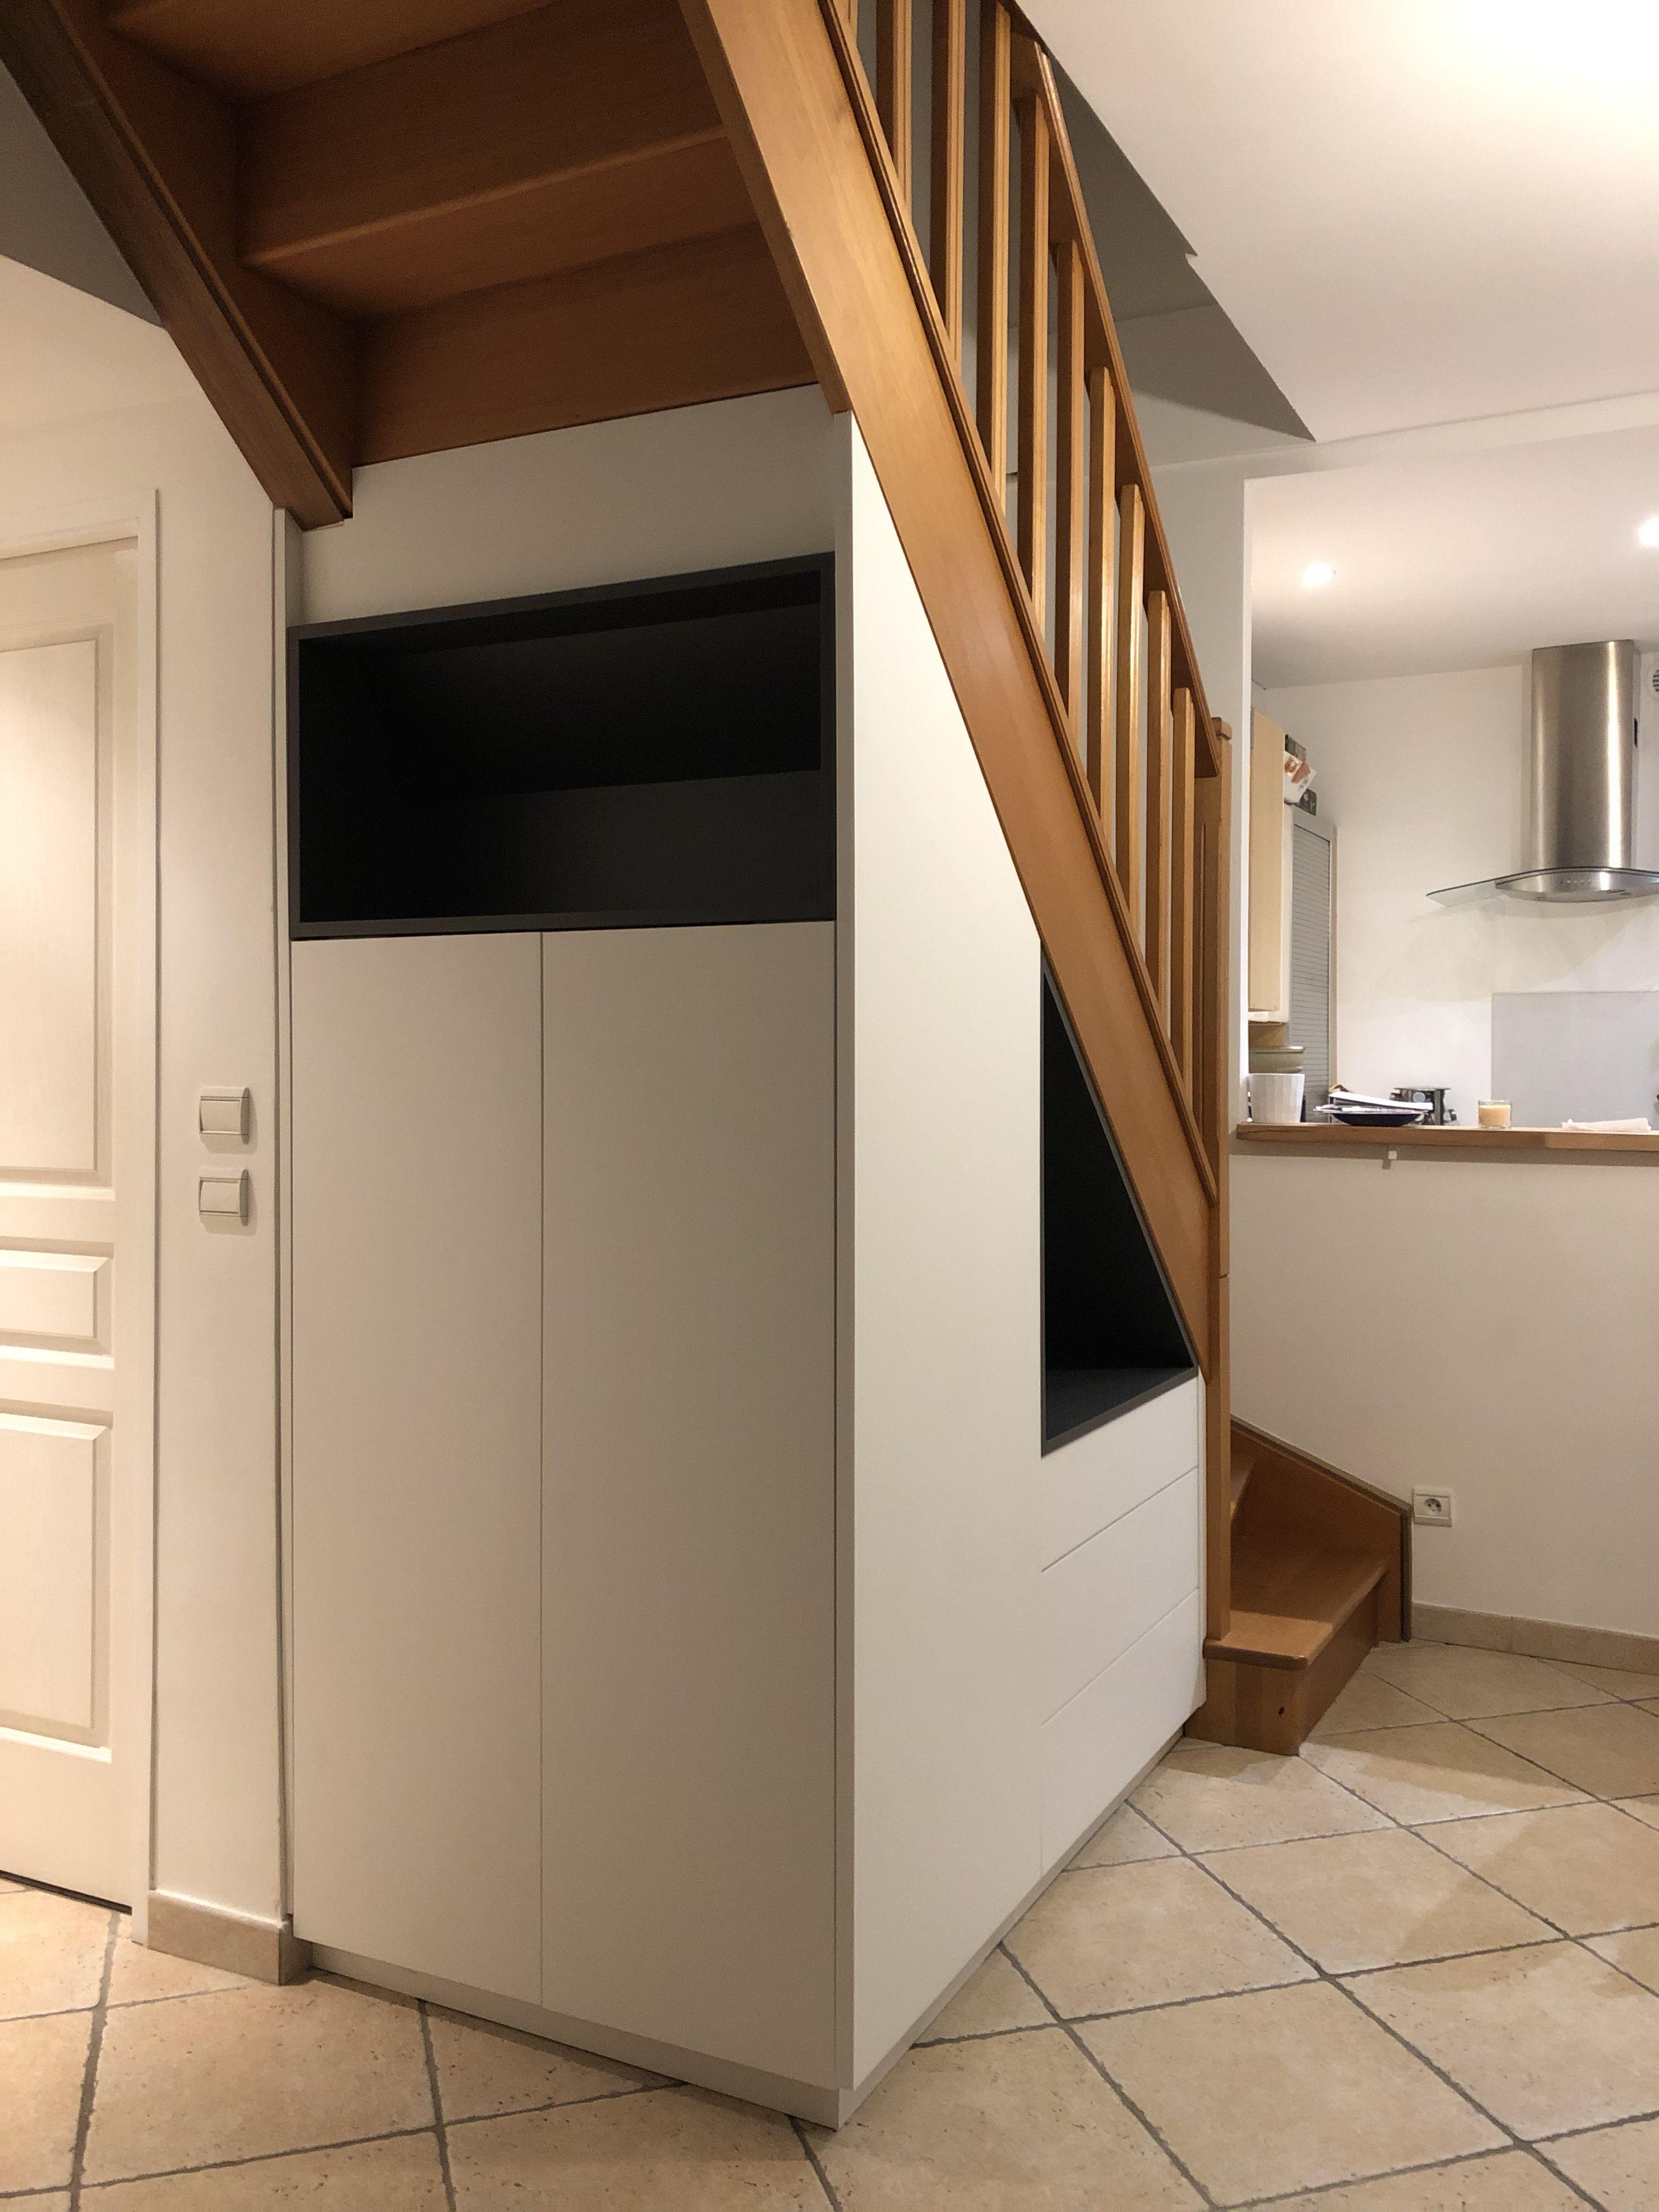 Agencement sur mesure meuble penderie trois tiroirs Meuble sur mesure sous escalier